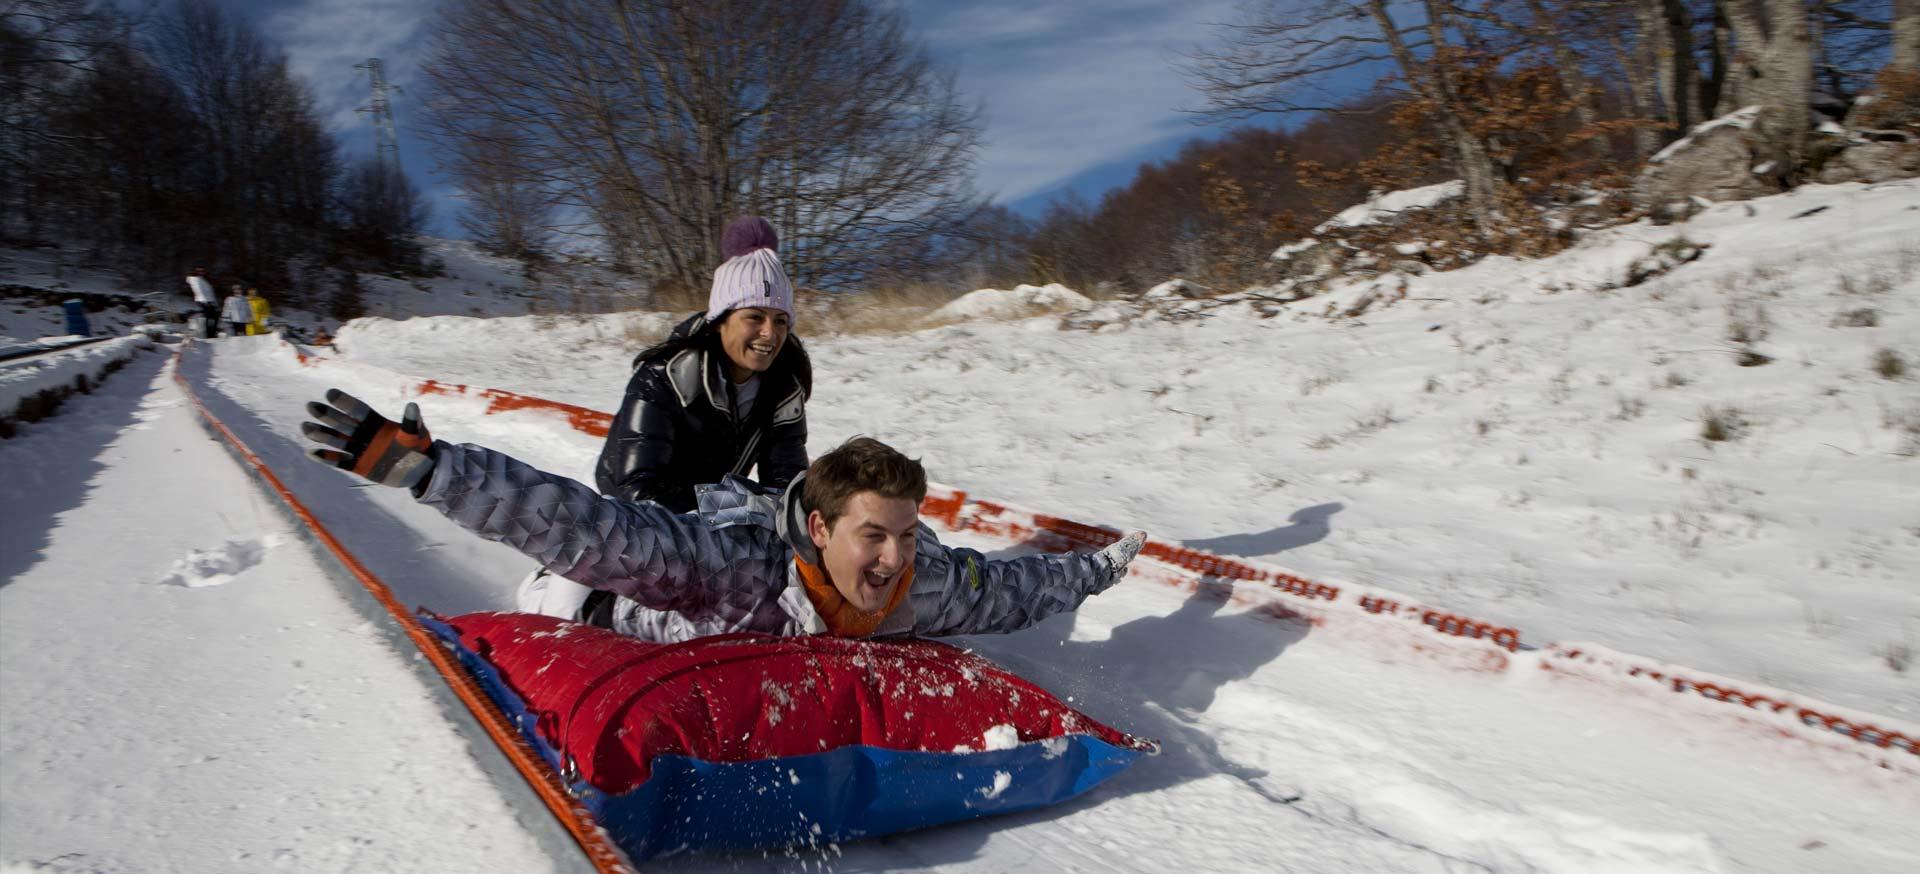 Il divertimento sulla neve con i complementi Pomodone